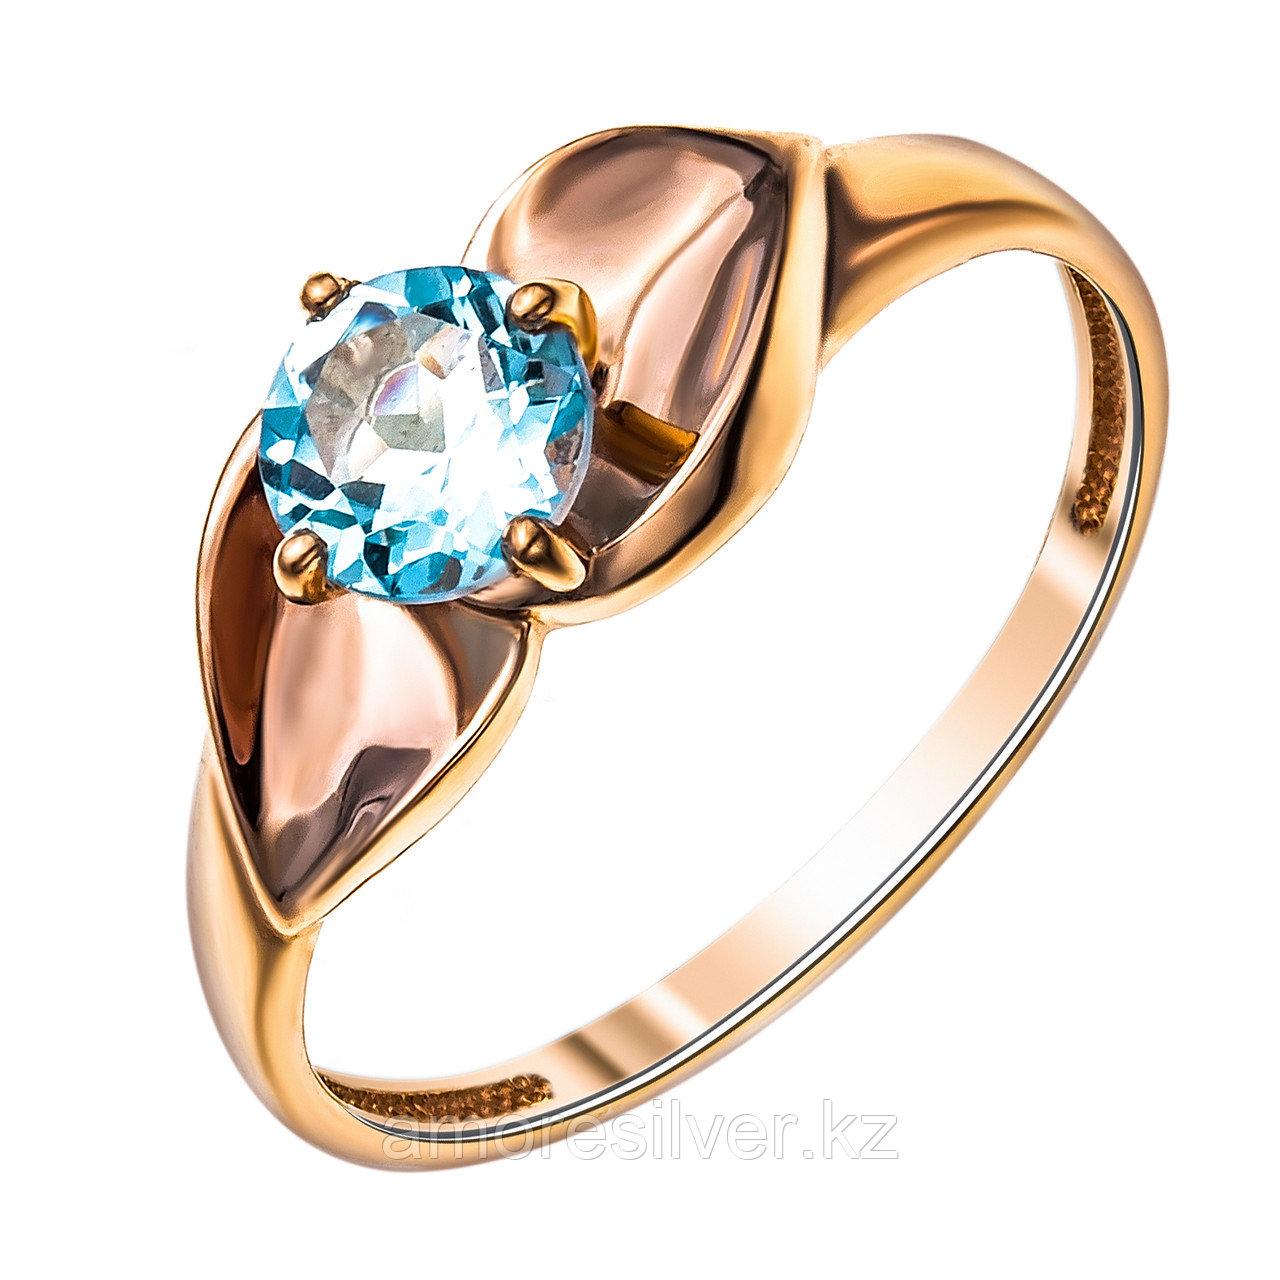 """Кольцо Teosa серебро с позолотой, топаз, """"каратник"""" К629-4212Т"""